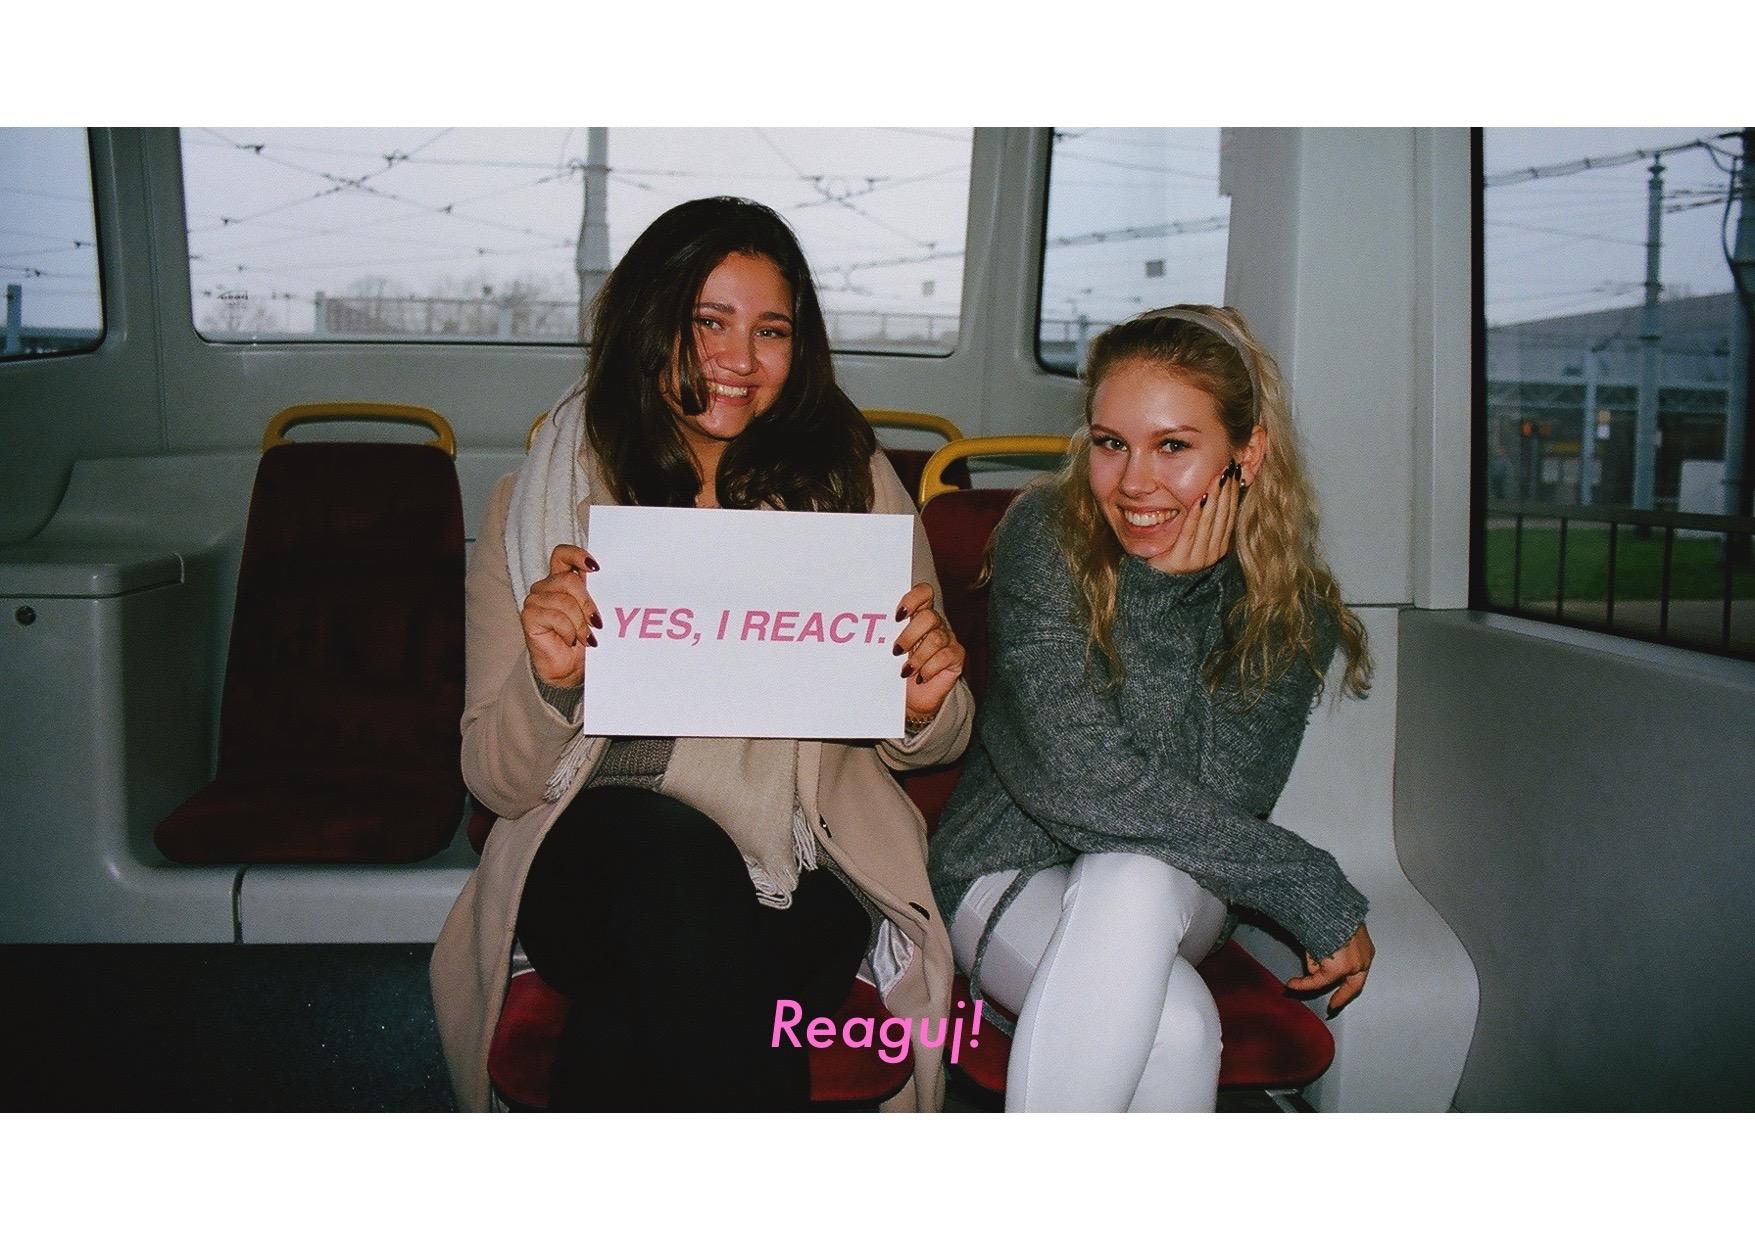 Dwie dziewczyny w tramwaju z kartką Yes I react